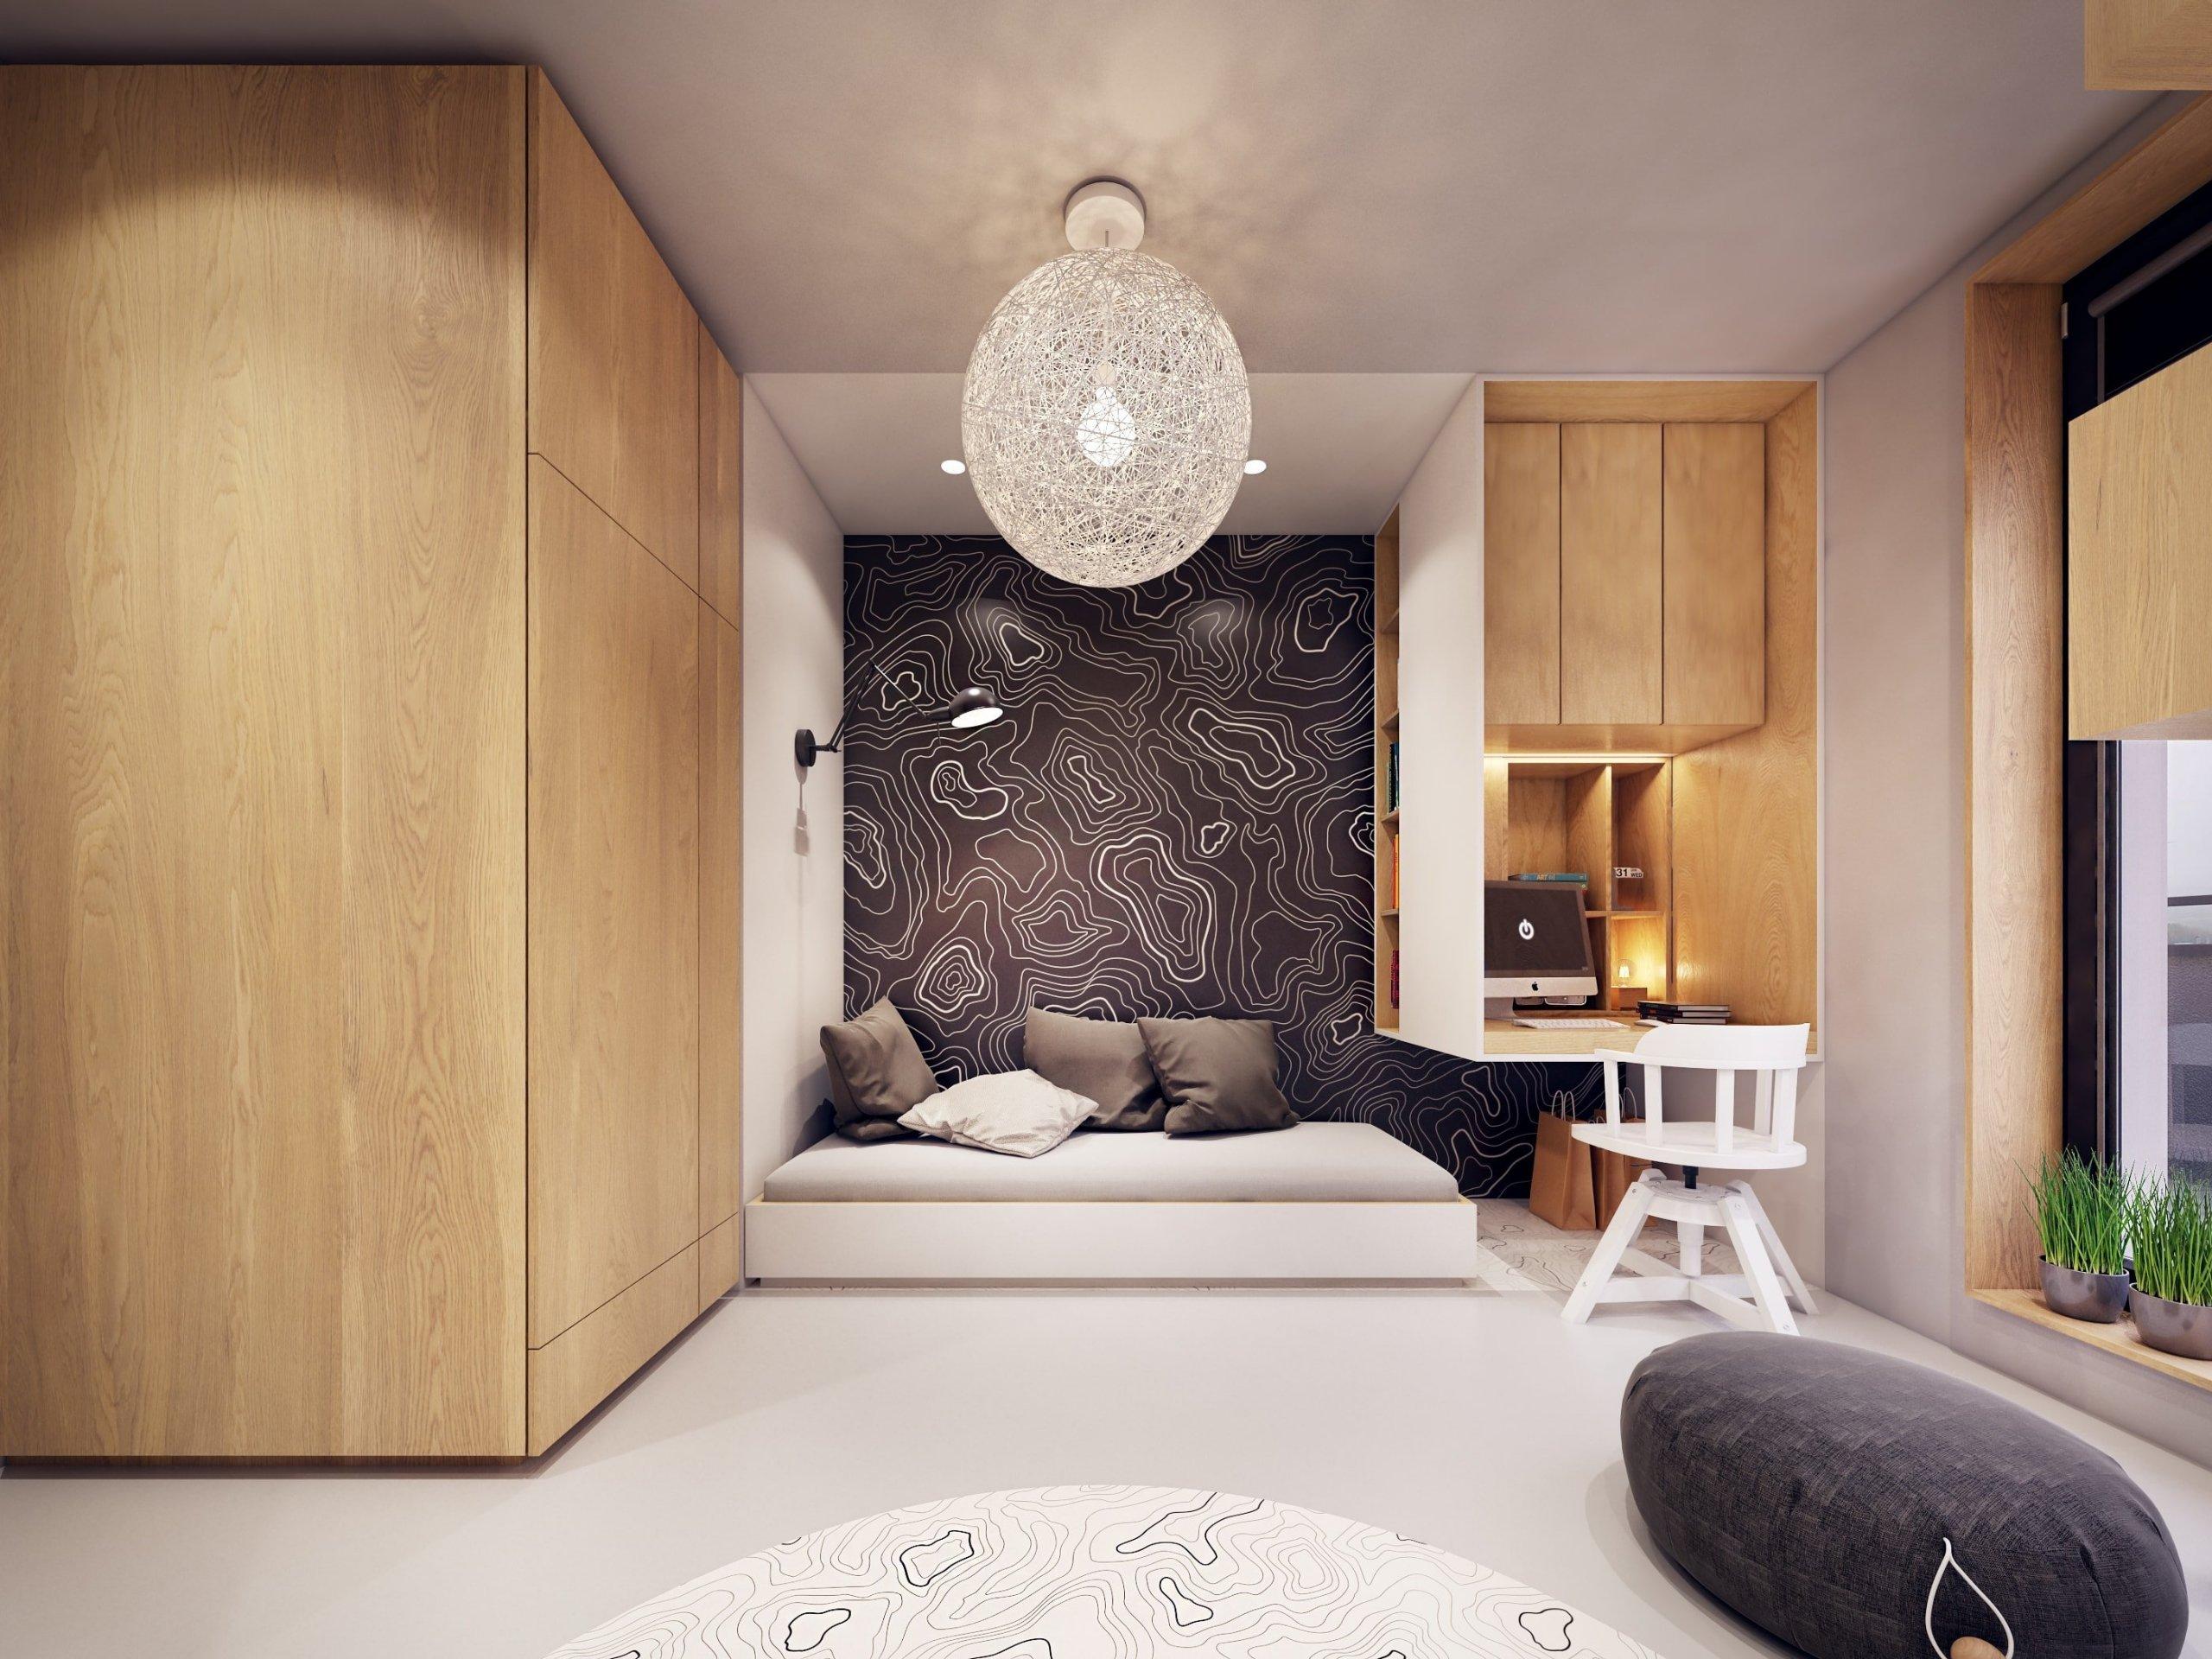 Všechny interiéry v sobě potřebují alespoň trochu barvy. Téměř každý architekt či designér do svých projektů kousek barev začleňuje, ať už v menší nebo větší míře. Tohoto pravidla dostál i interiér tohoto bytu, který v sobě skrývá hned několik barev, jež k sobě navzájem ladí.